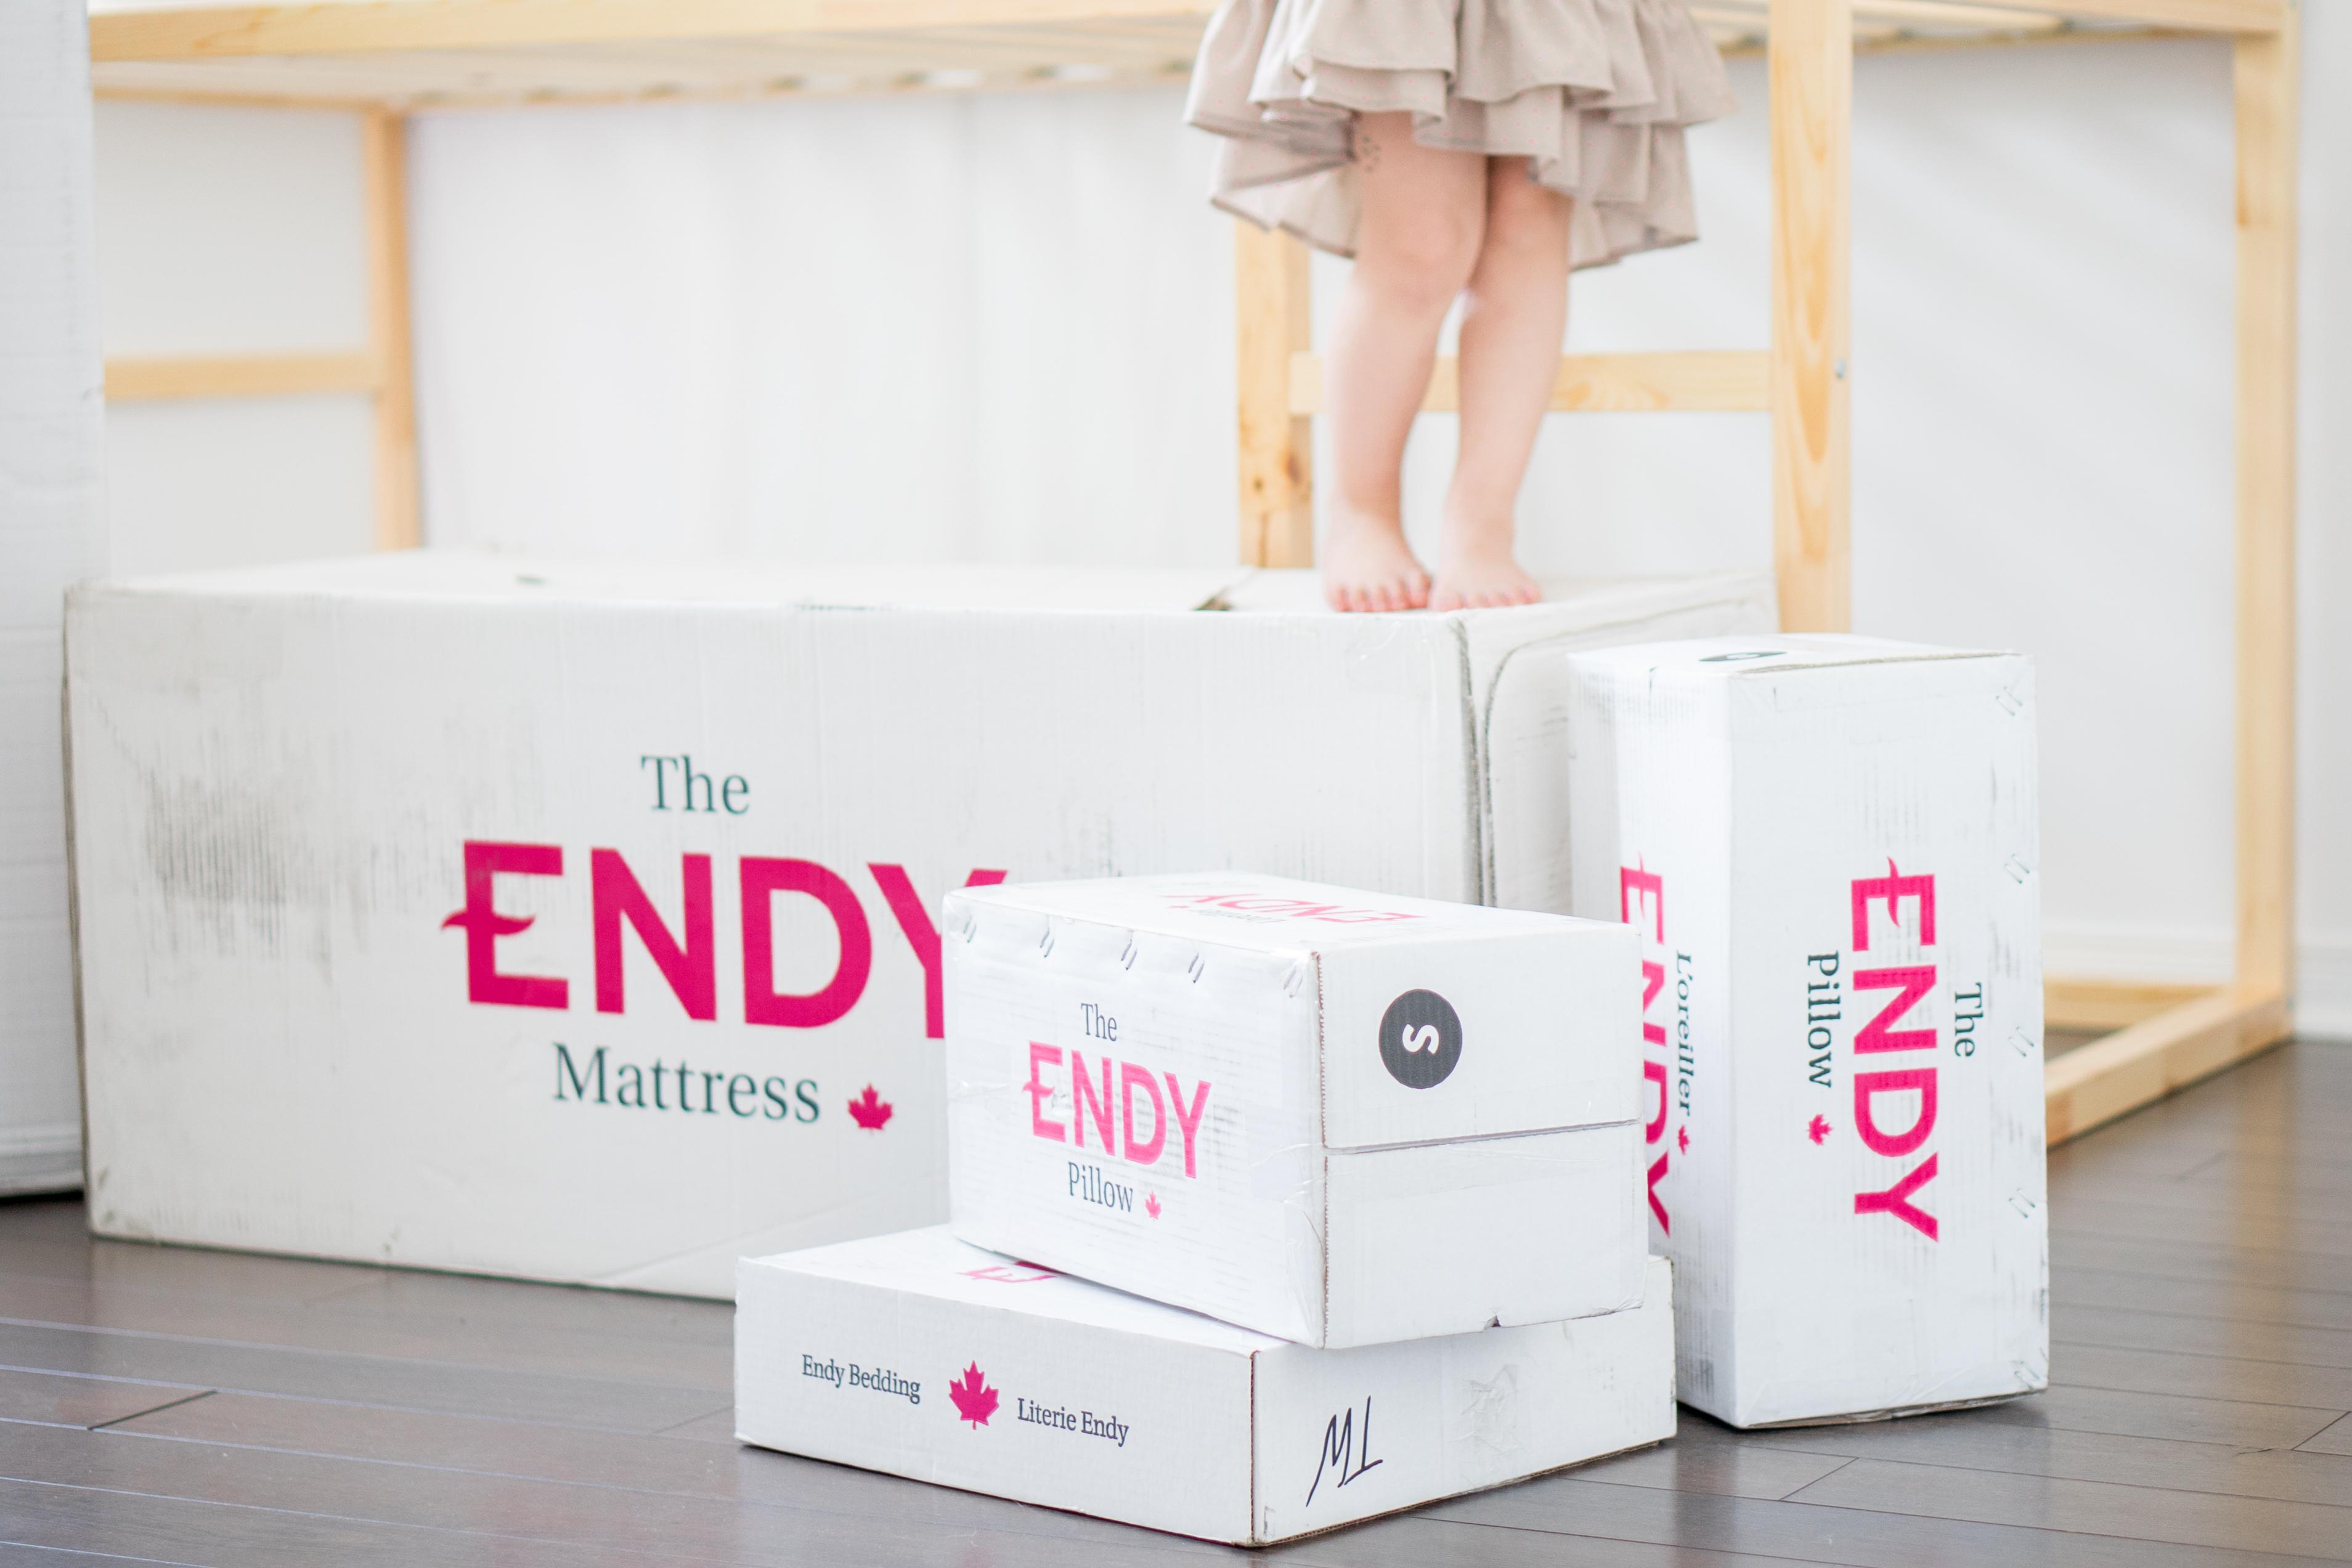 100 nuits sur un matelas Endy… Est-ce que c'est vraiment mieux?